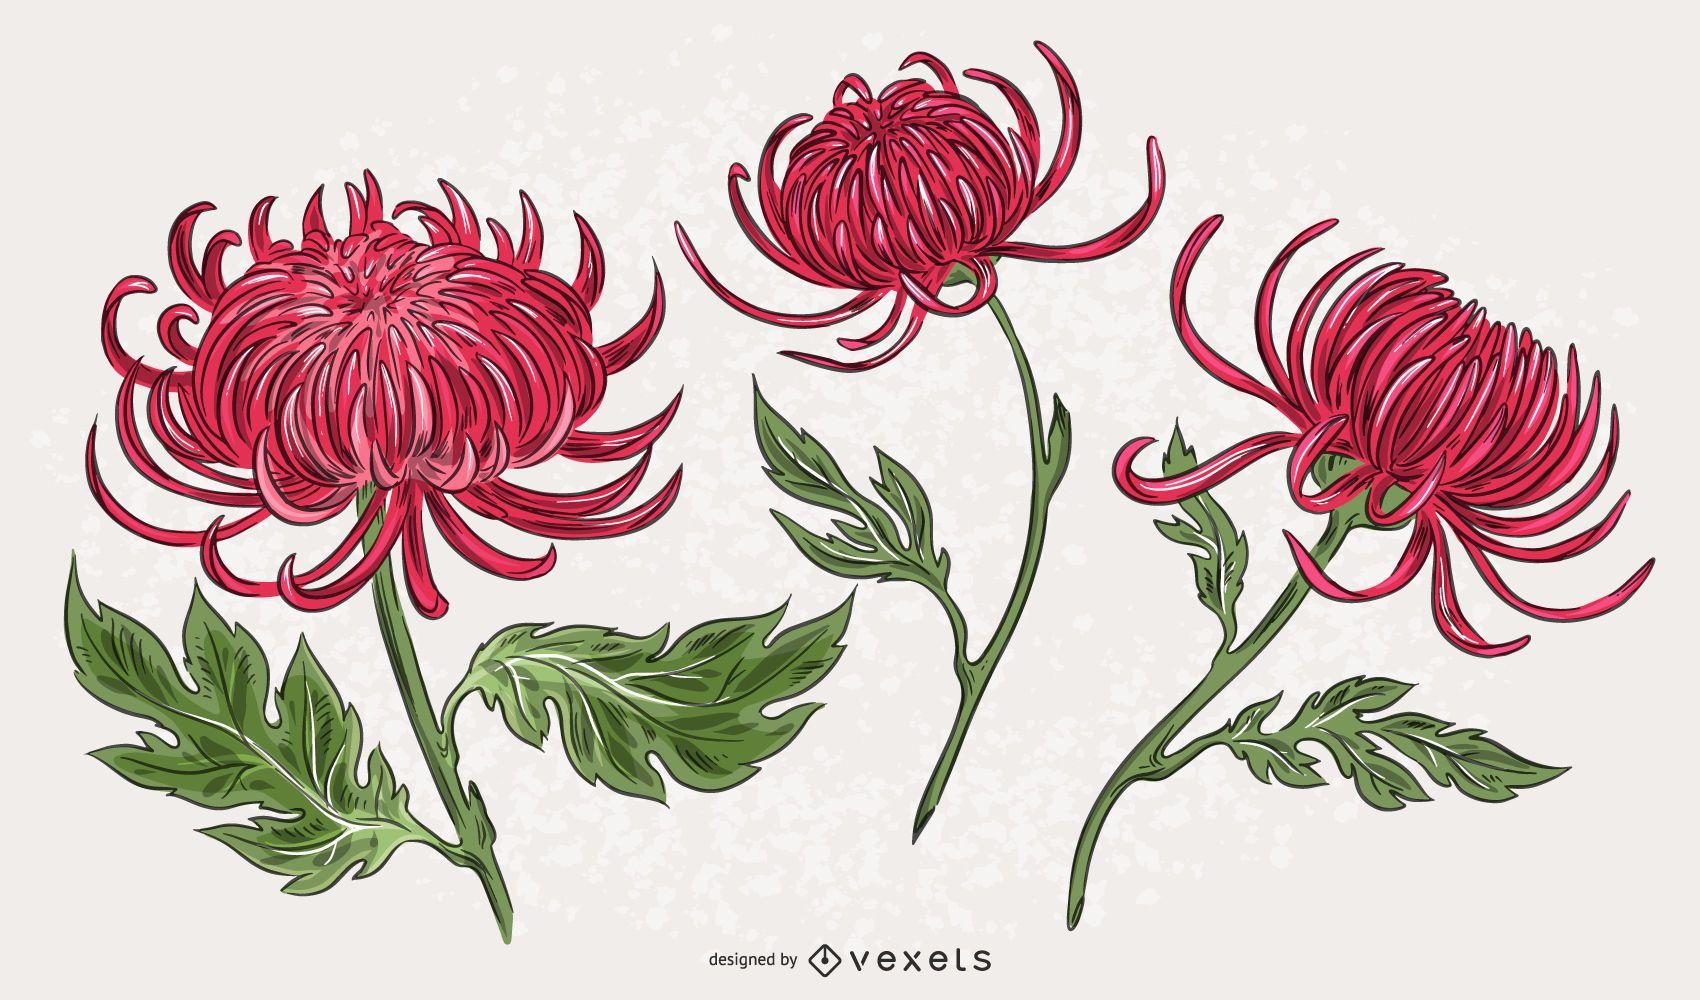 Pink Chrysanthemum Illustration Set